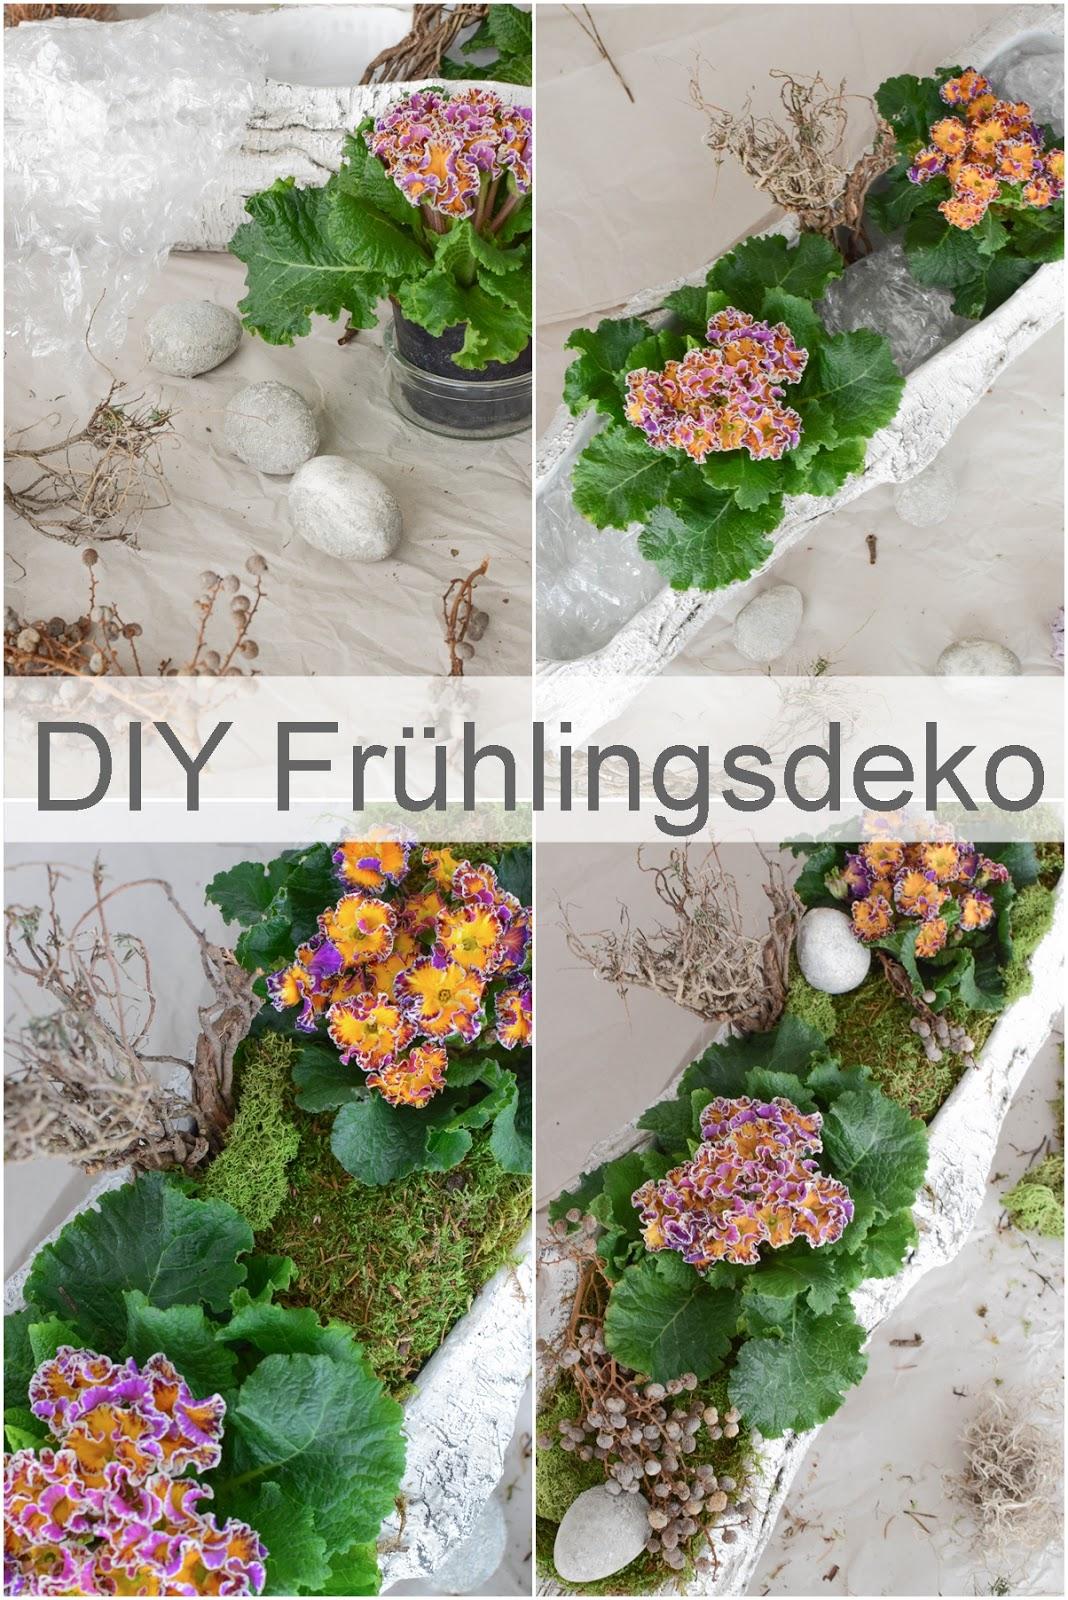 DIY Frühlingsdeko mit Primel und Moos. Natürliche Deko für den Frühling. Dekoidee